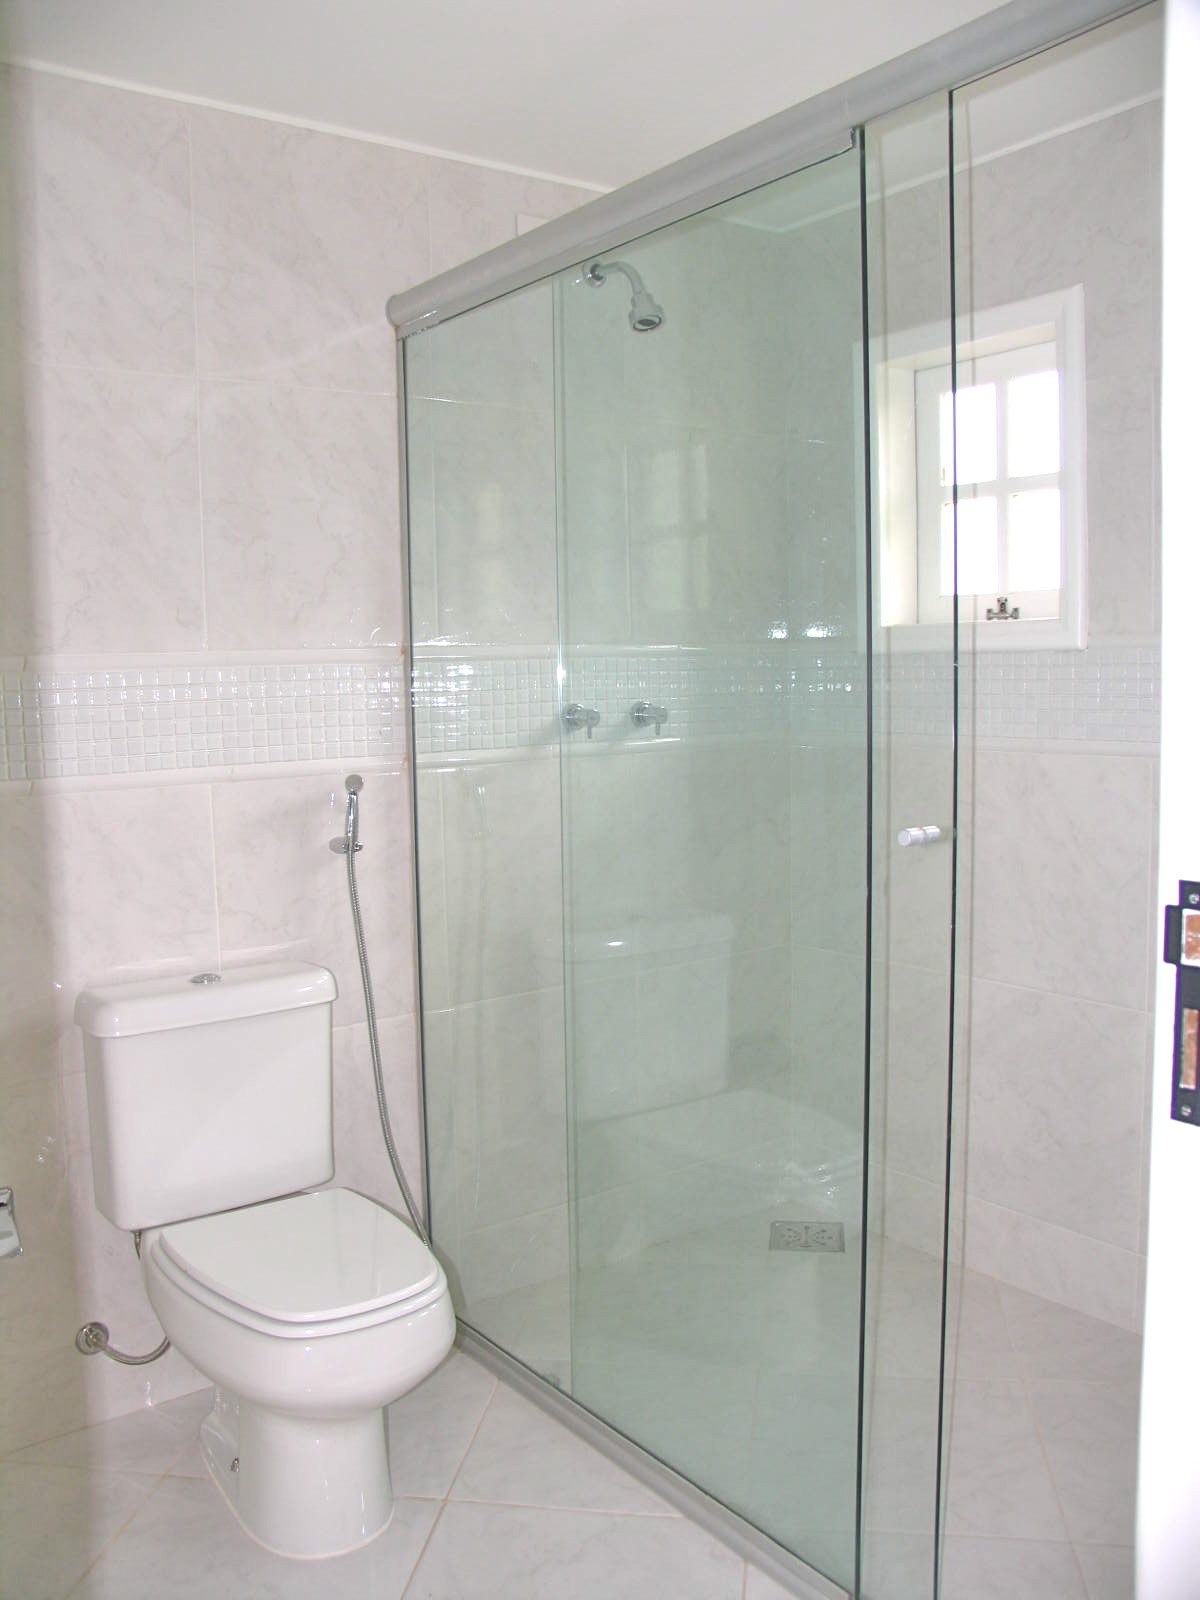 BOX BANHEIRO CLOSET Aluguel Casa Lago Sul #484863 1200x1600 Banheiro Closet